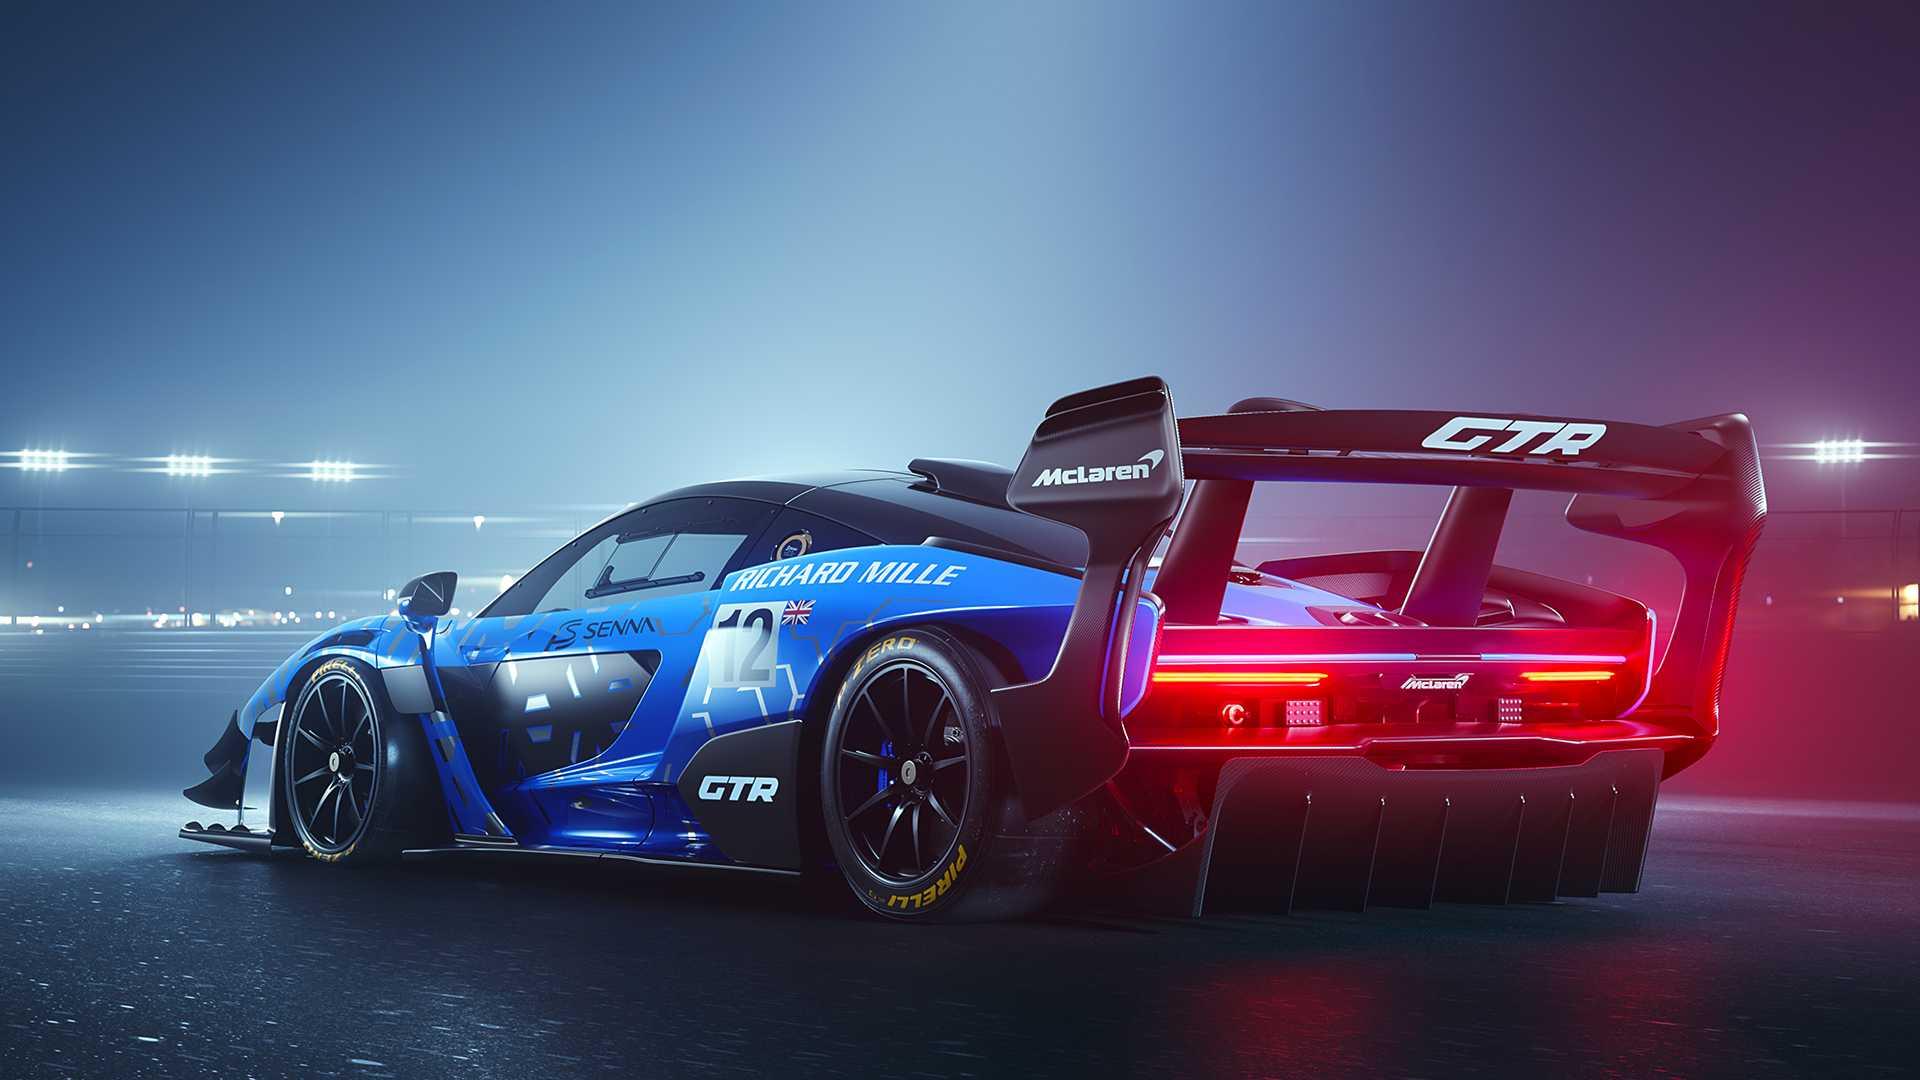 ماكلارين سينا GTR